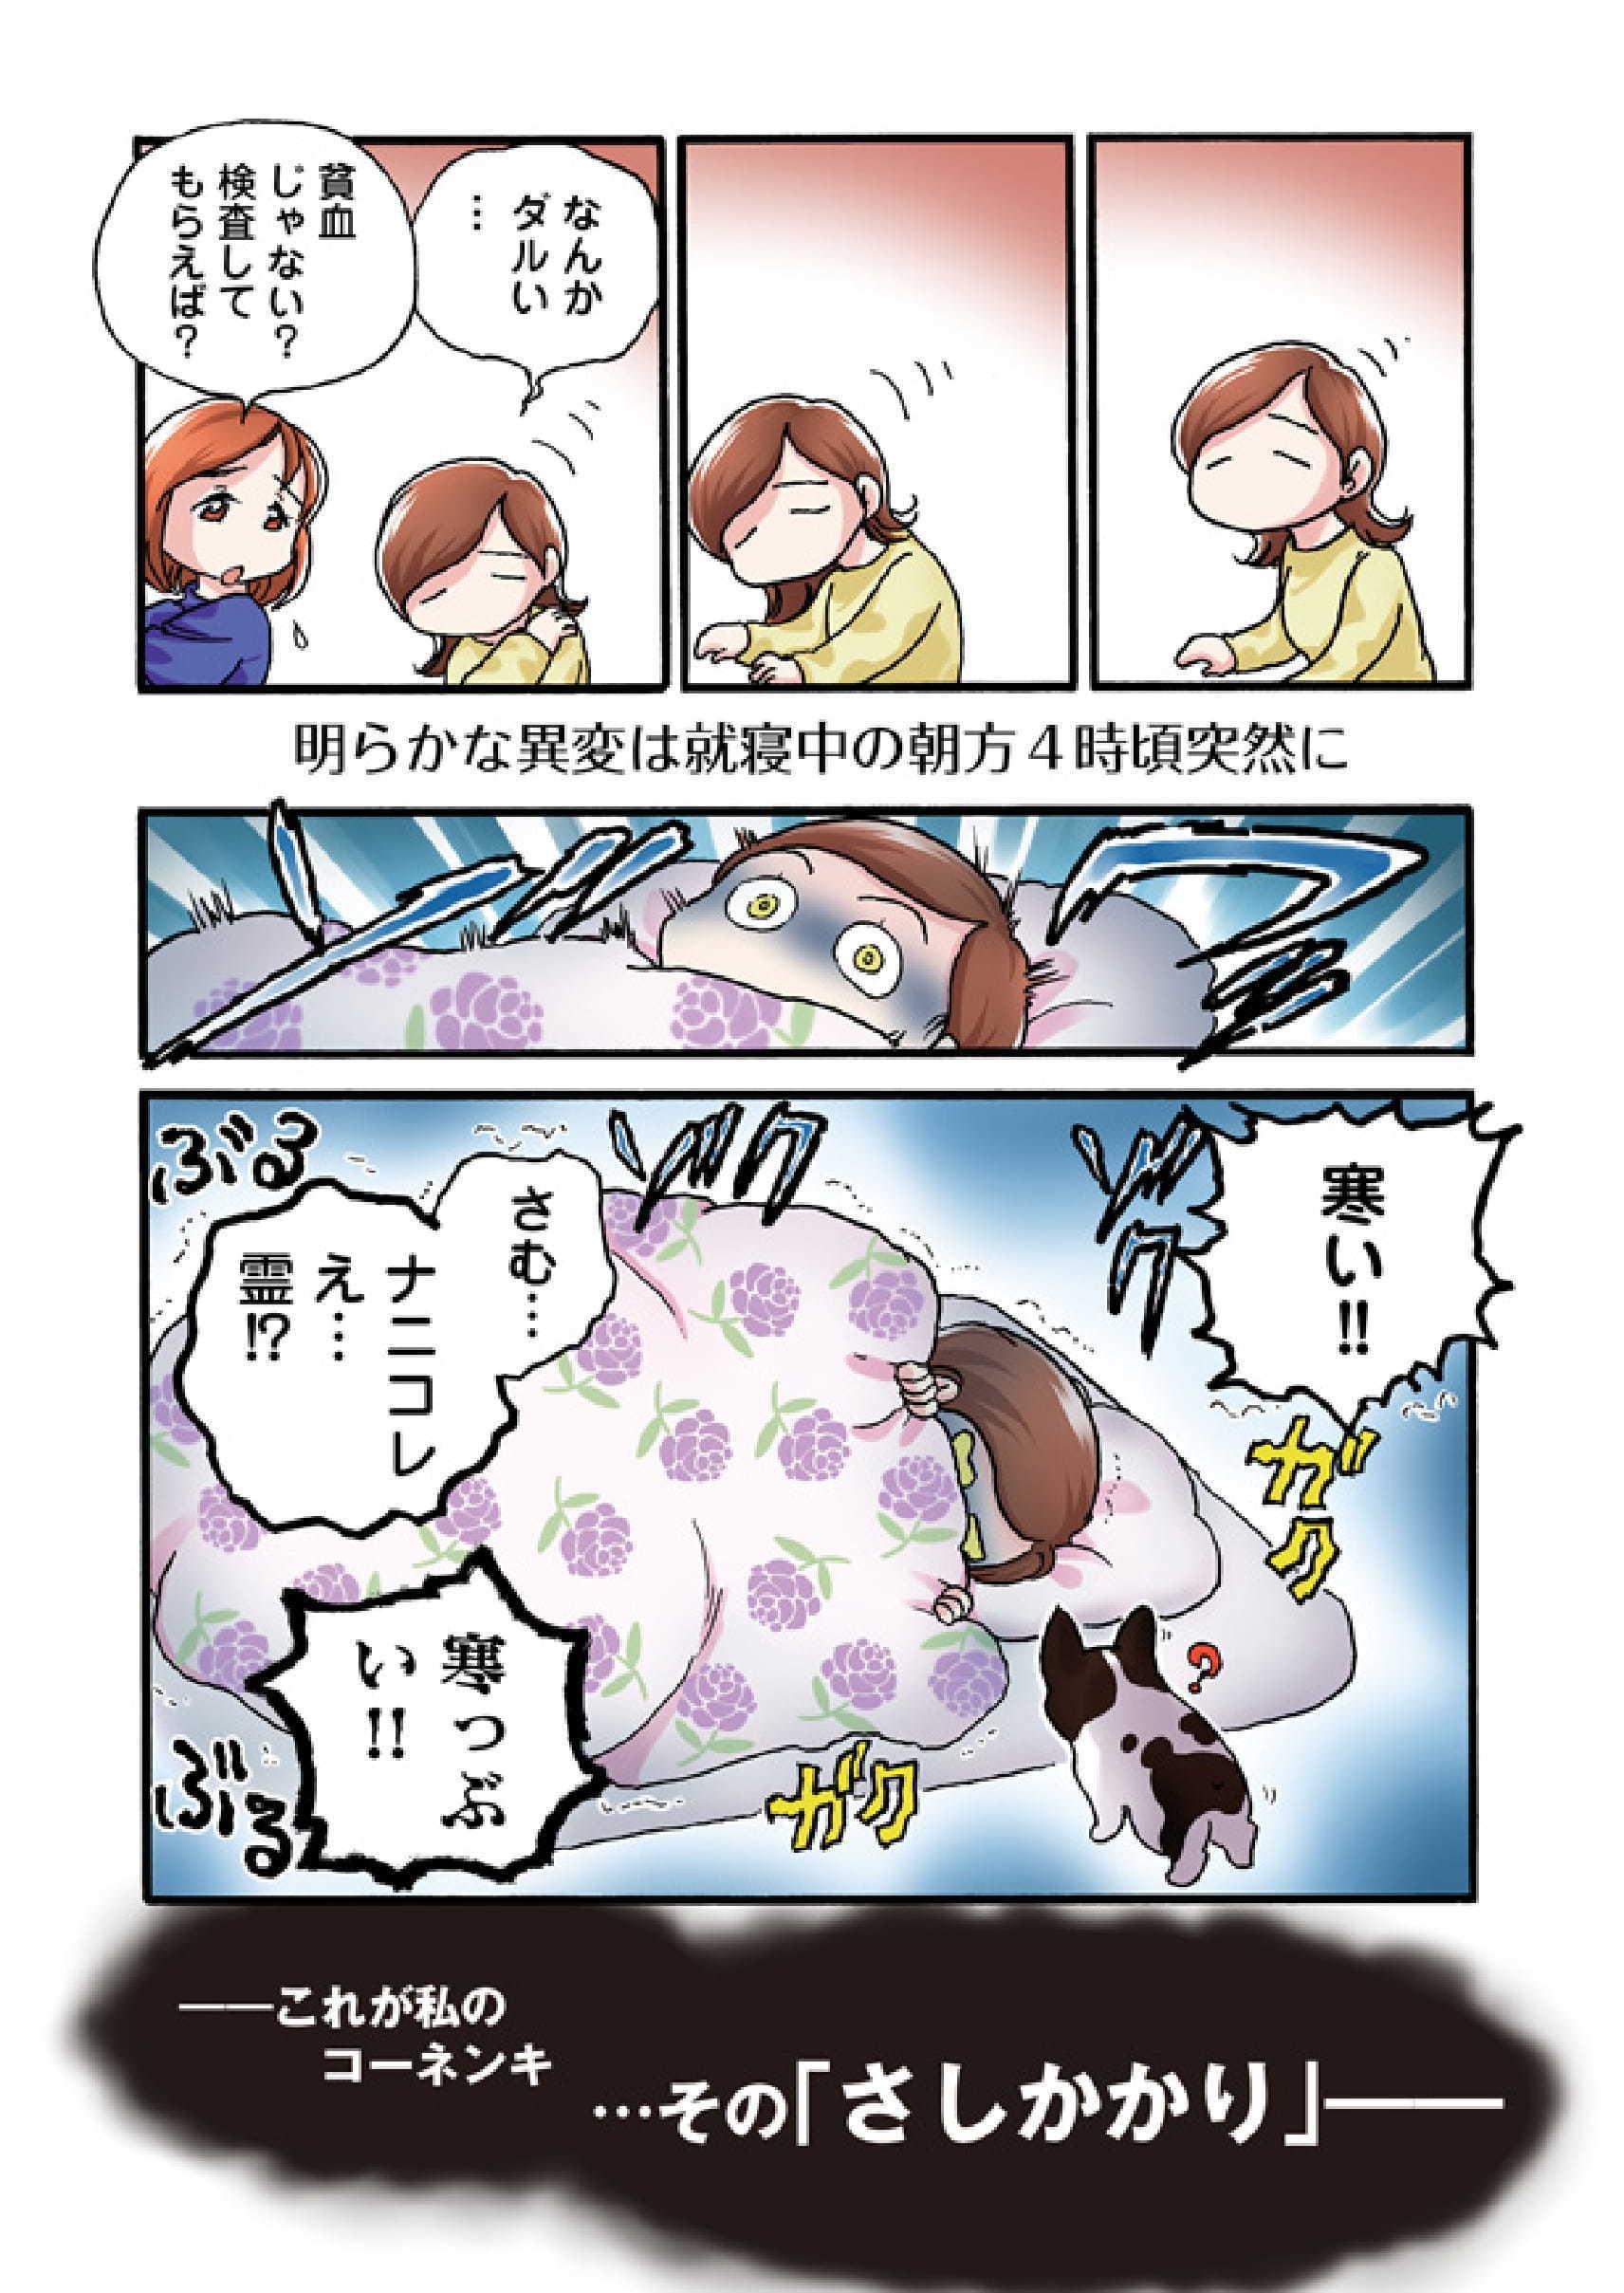 コーネンキ×コーネンキ・2「松居直美の、さしかかり」 一本木蛮 note